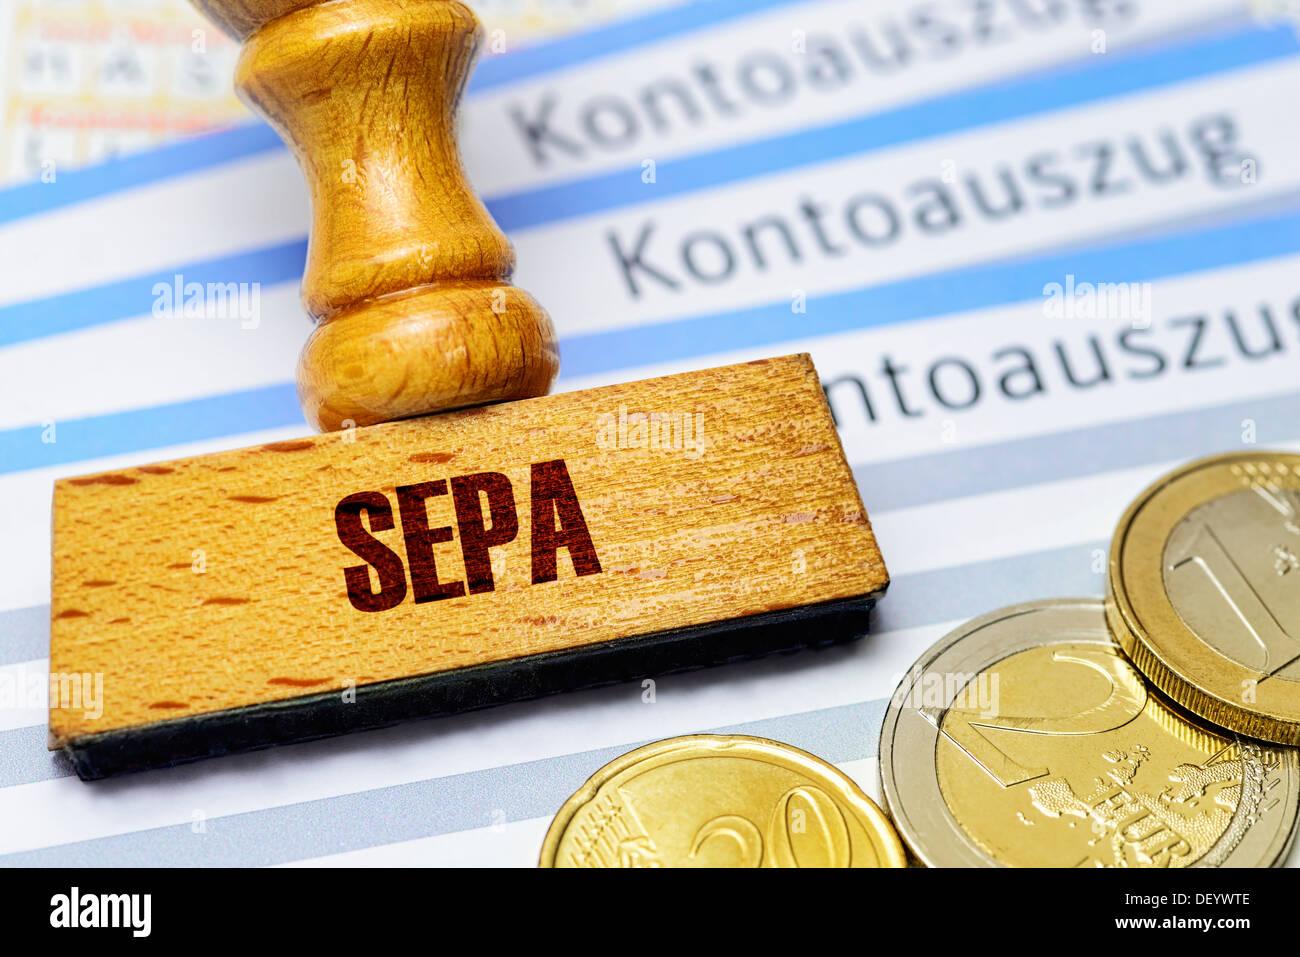 Stamp with SEPA stroke on bank statements, SEPA procedures, Stempel mit SEPA-Schriftzug auf Kontoauszügen, SEPA-Verfahren - Stock Image